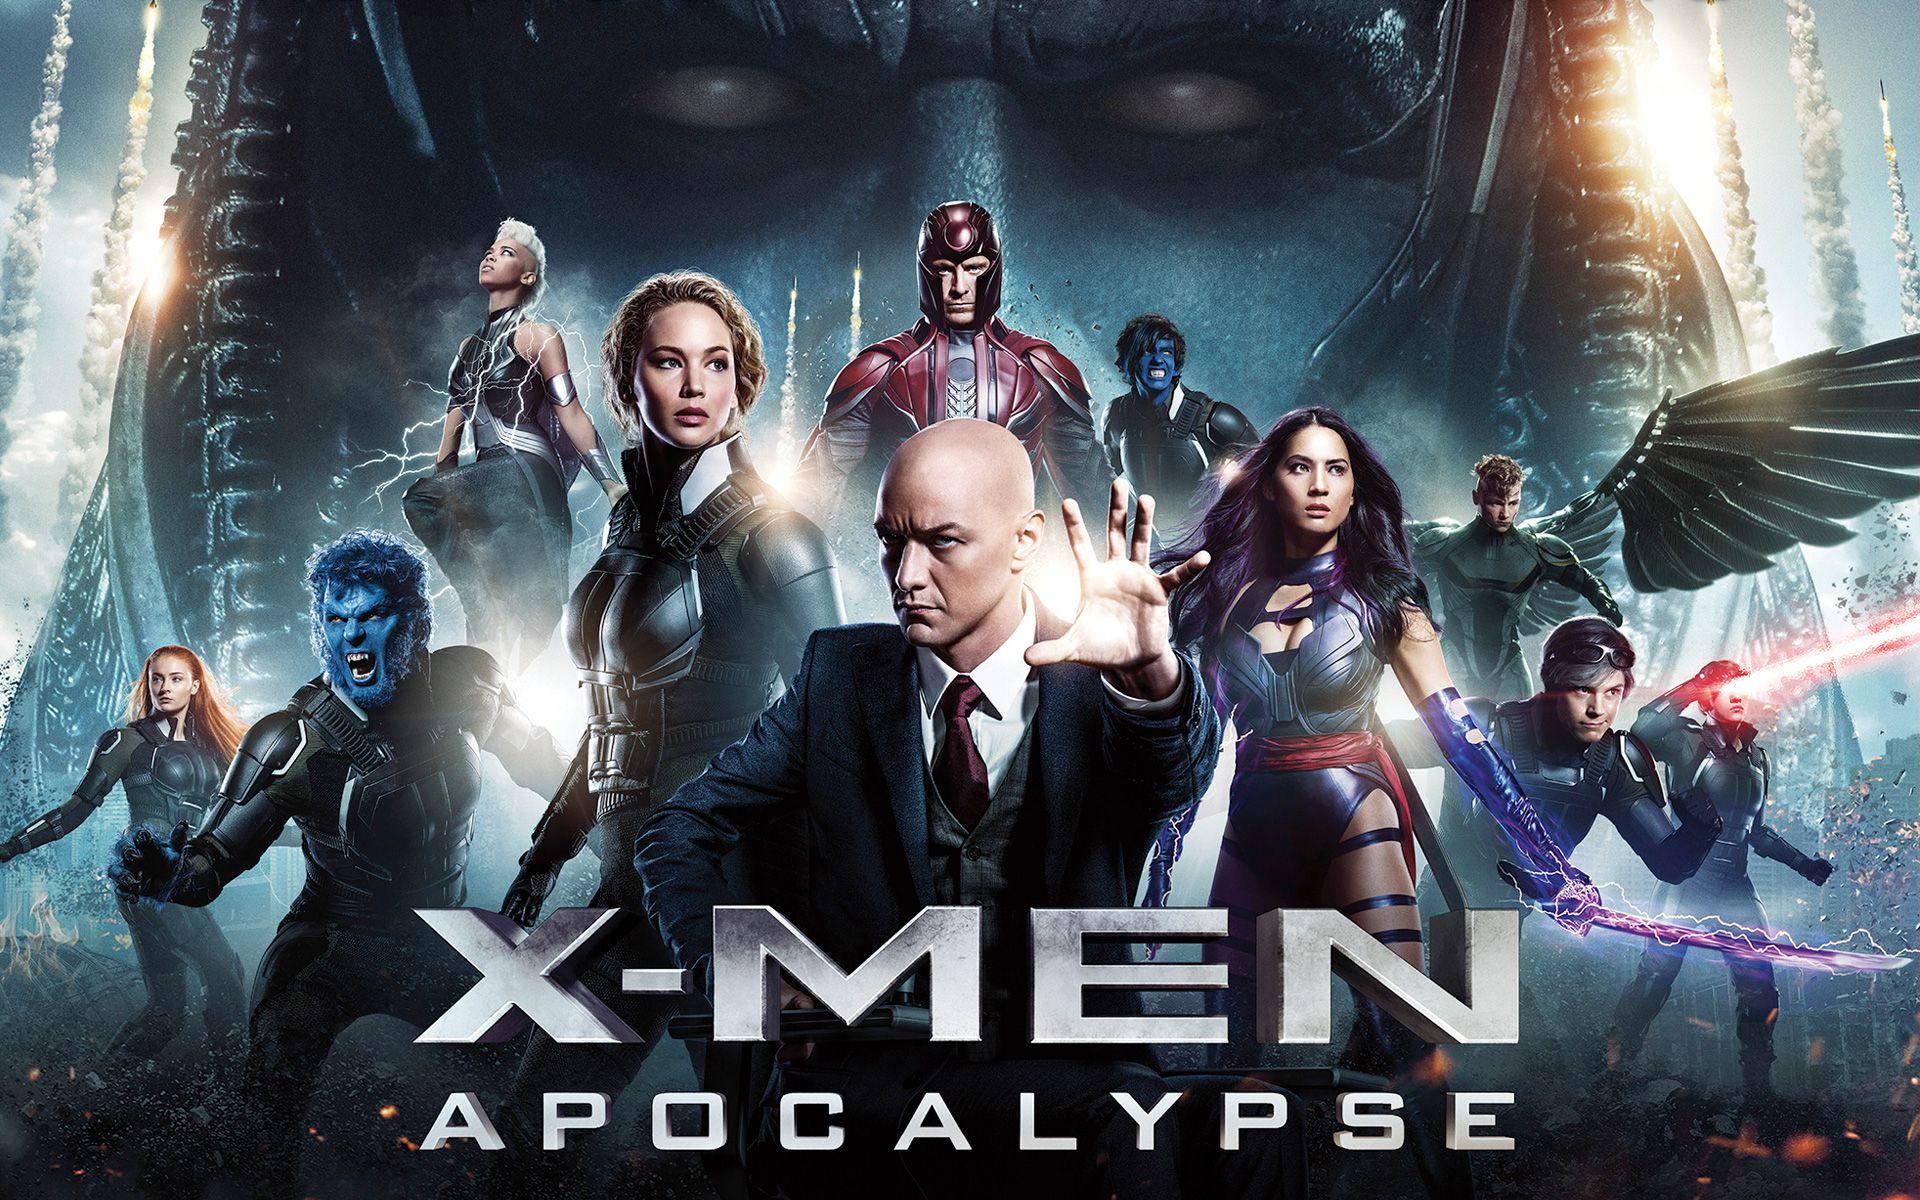 X Men Apocalypse Banner Poster Wide Wallpaper Apocalypse Movies Xmen Apocalypse X Men Apocalypse